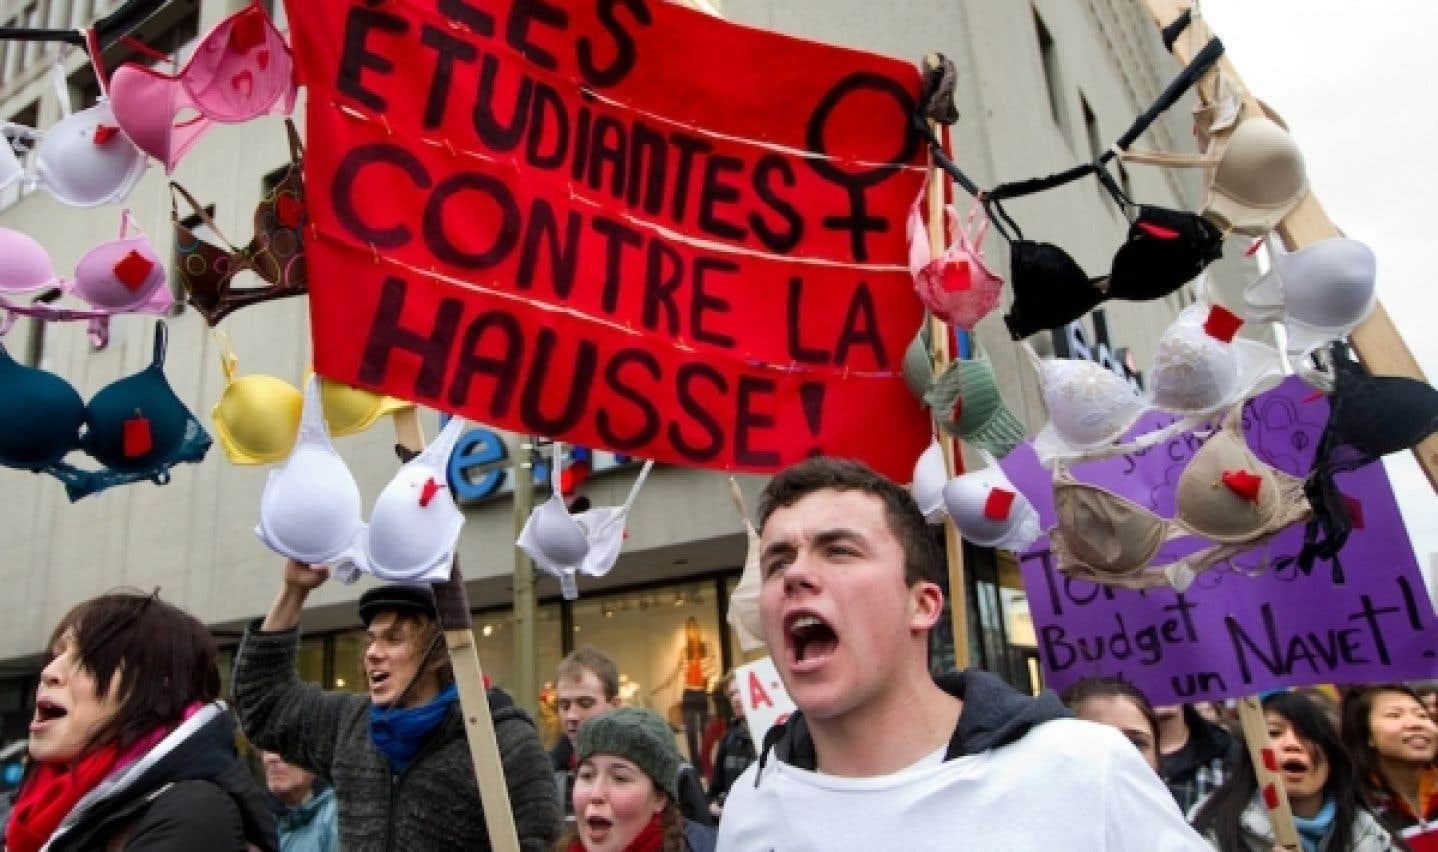 Manifestations étudiantes: pas de répit aujourd'hui malgré les affrontements